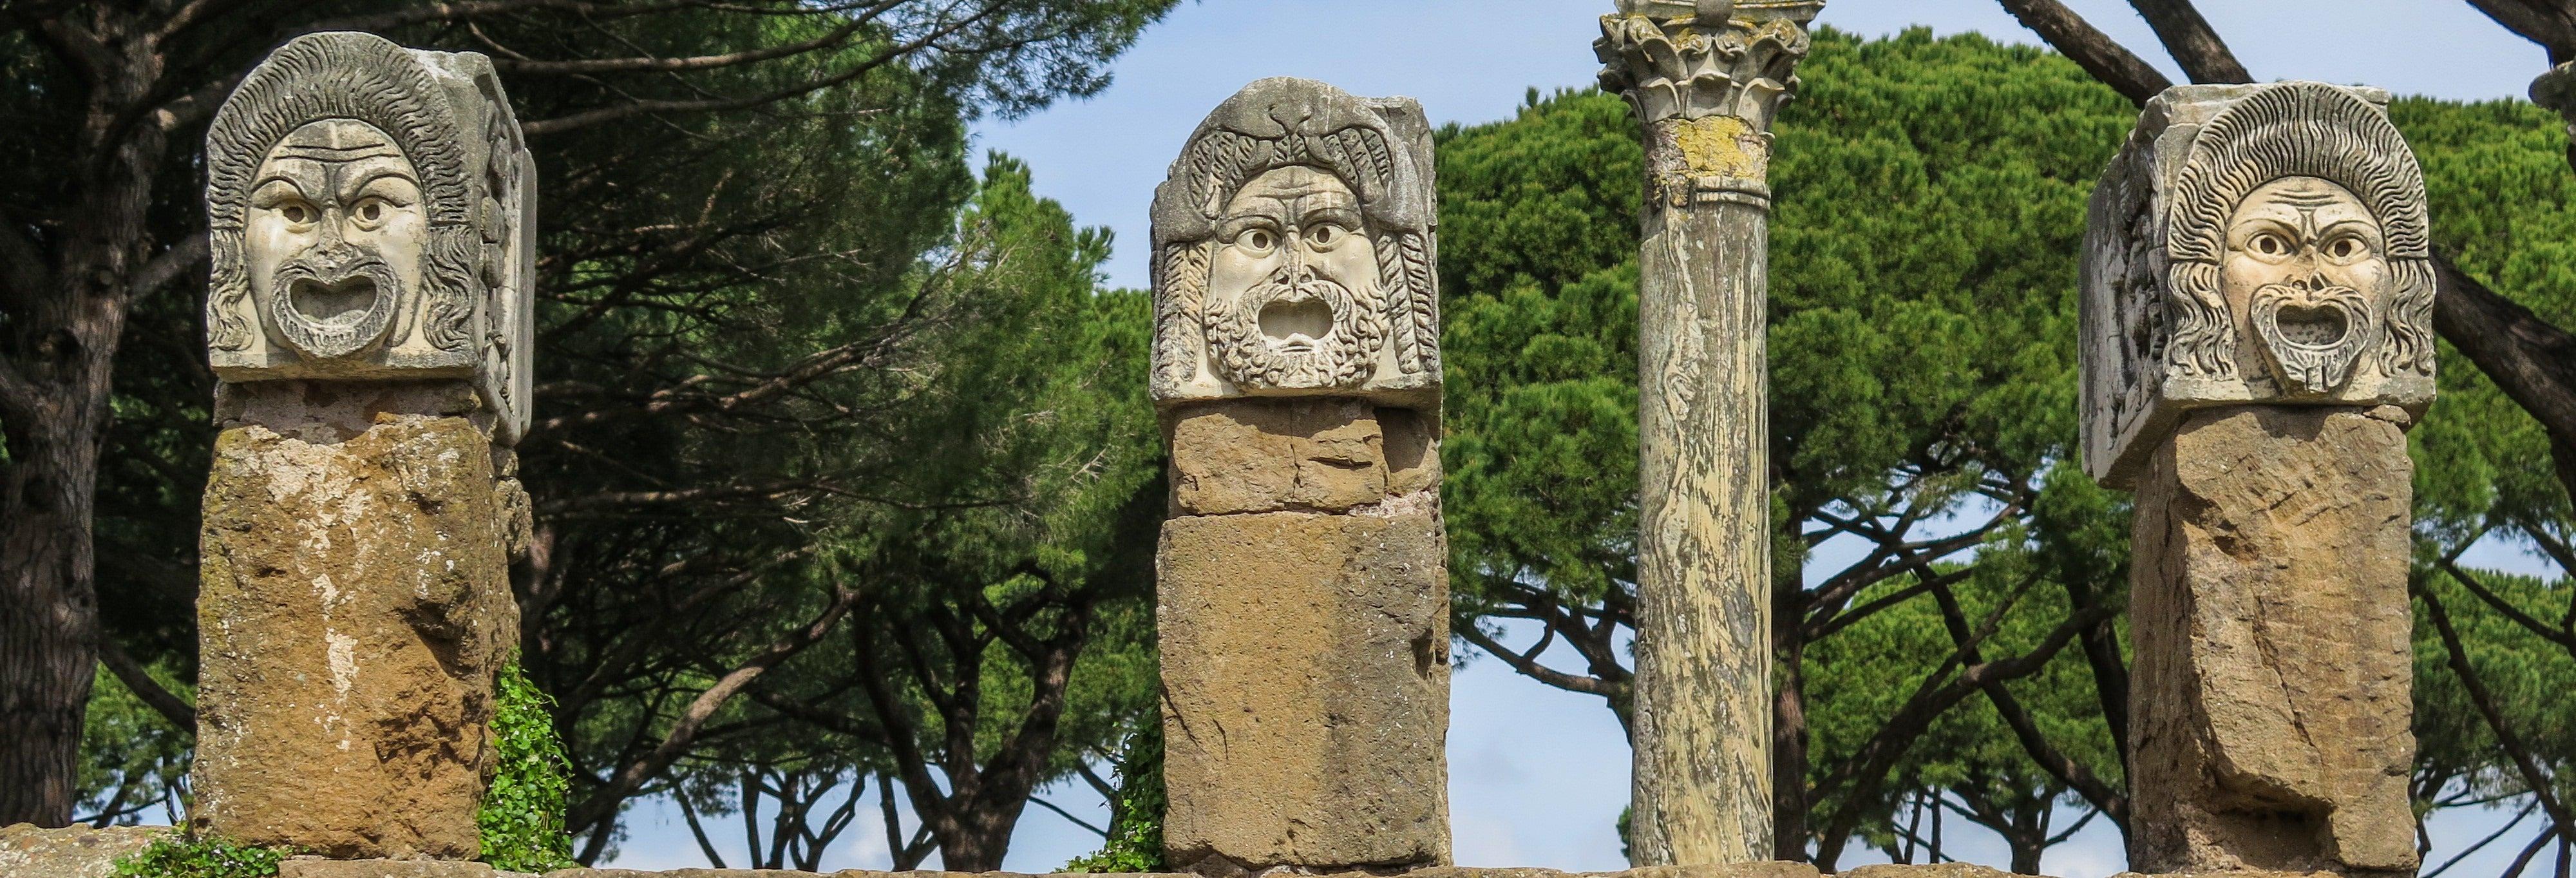 Visita guiada por Ostia Antica